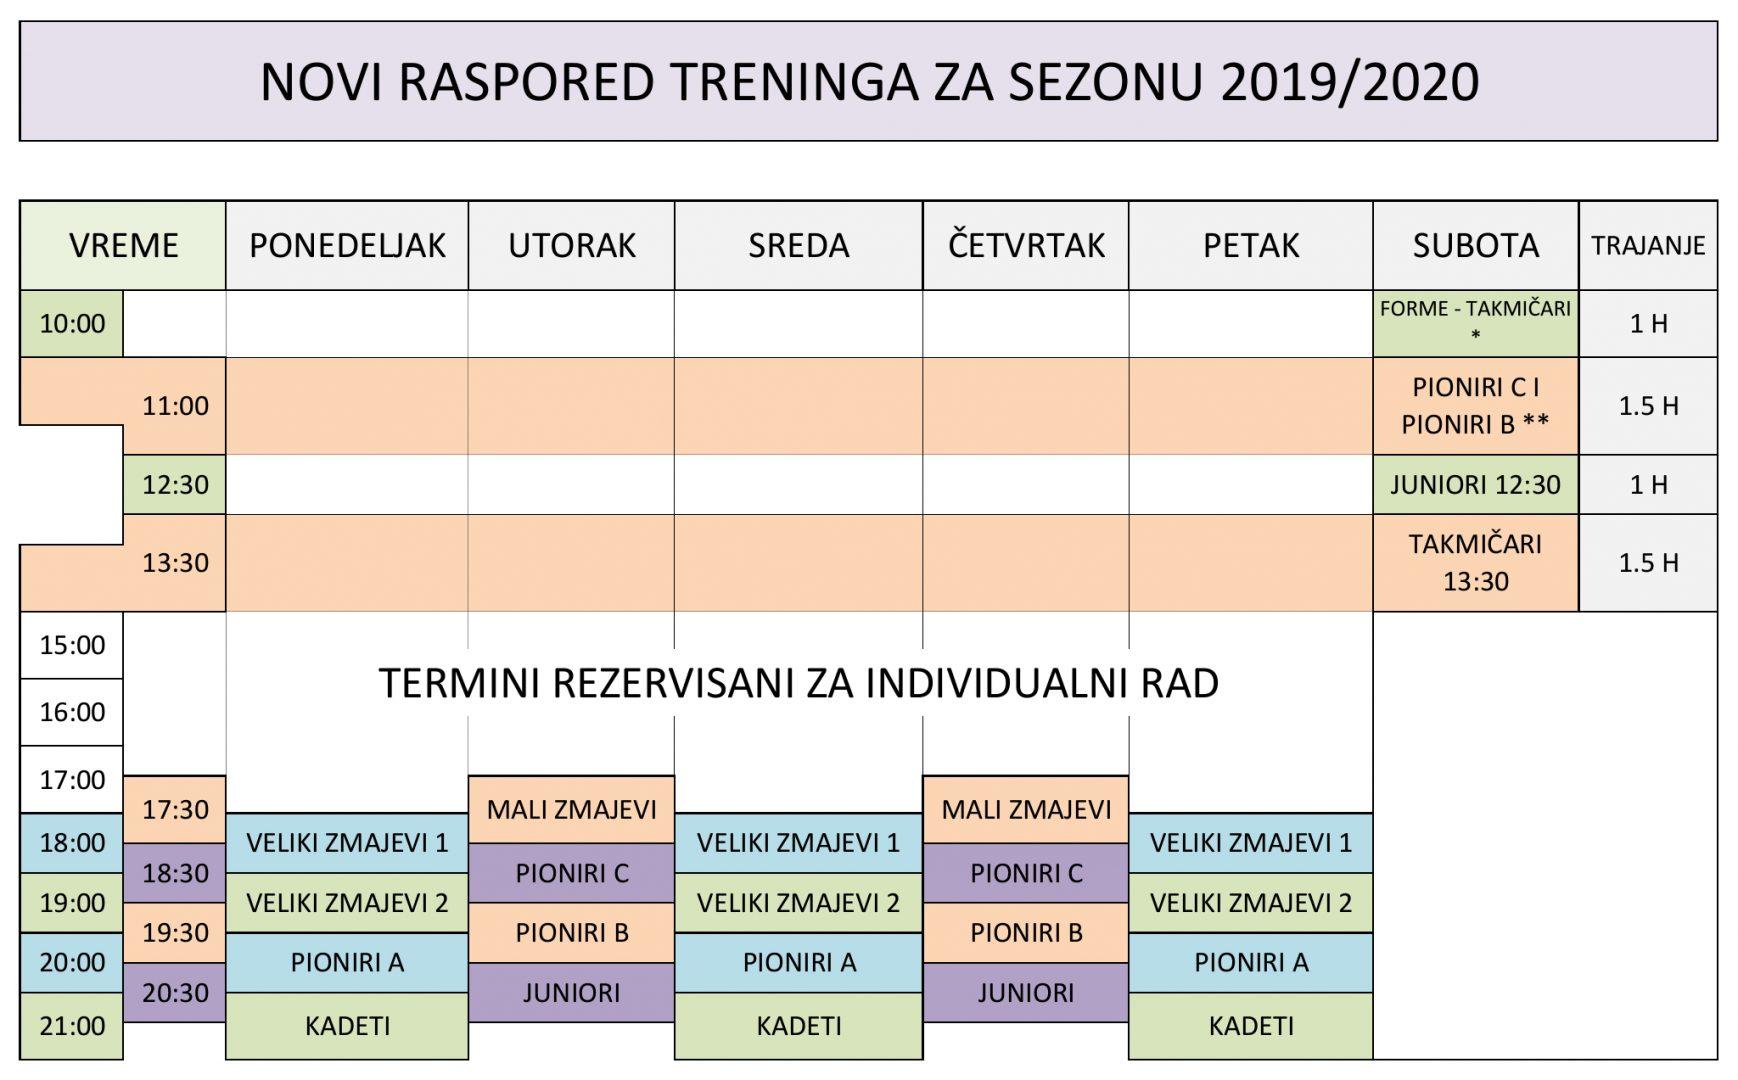 //www.herkules.rs/wp-content/uploads/2019/08/Raspored-treninga-za-sezonu-2019-2020.jpg